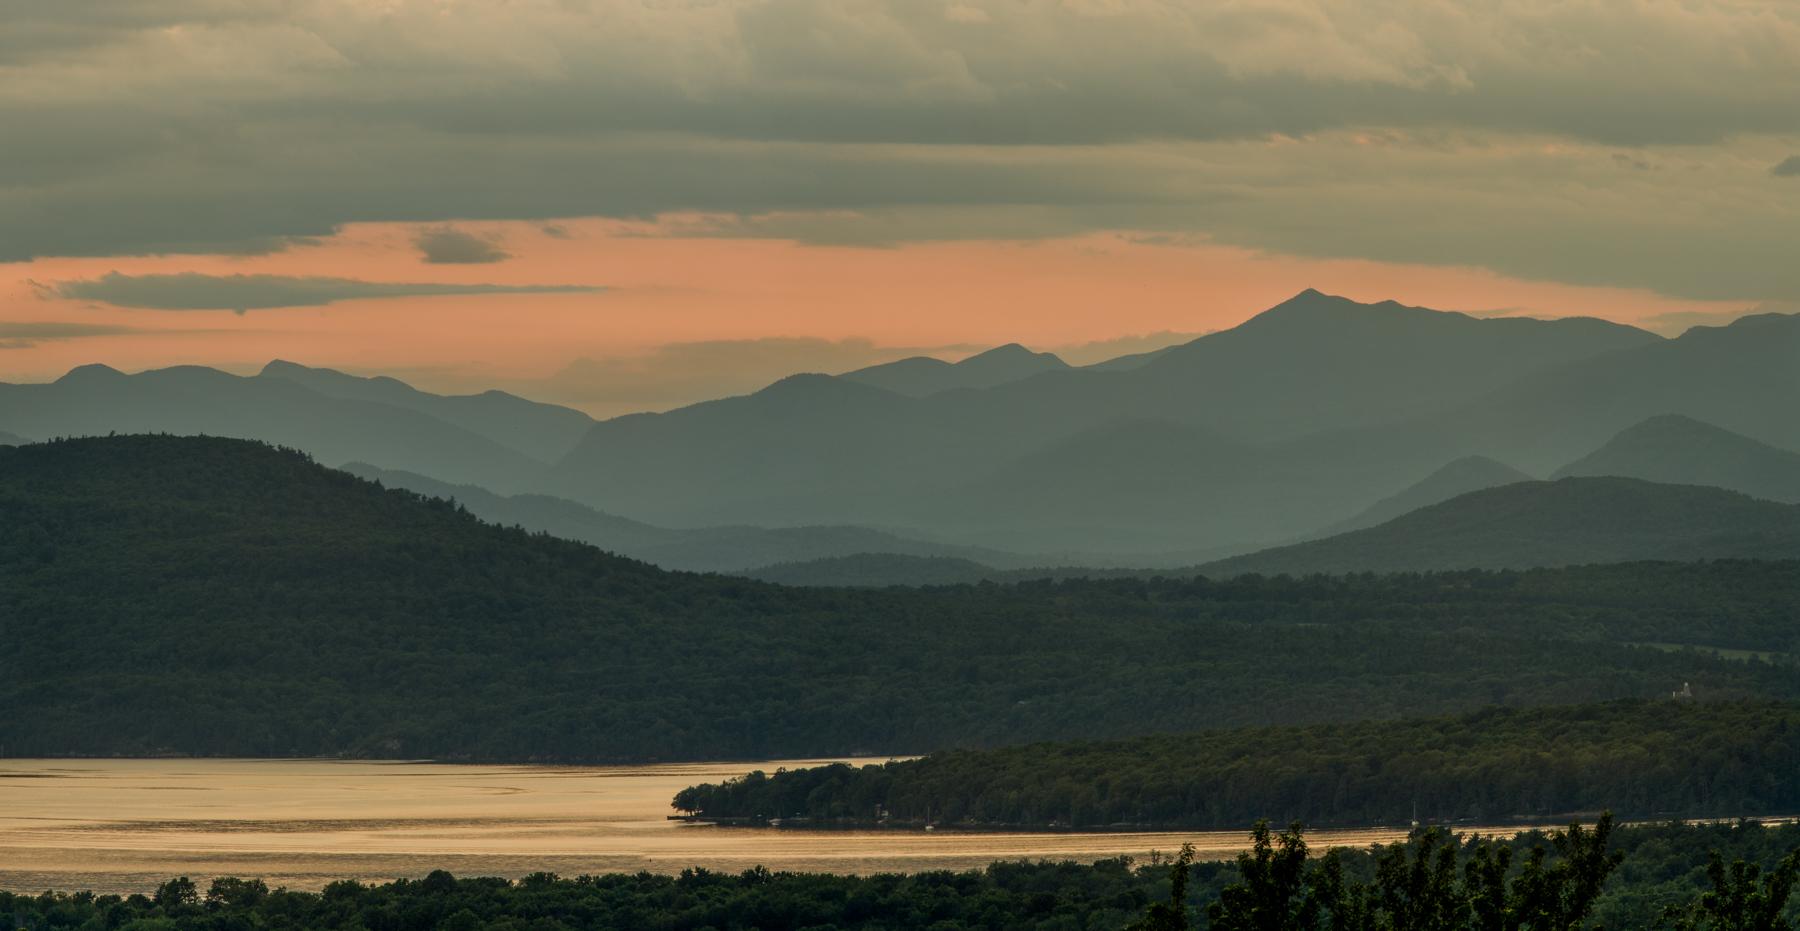 Overlook Mount Philo